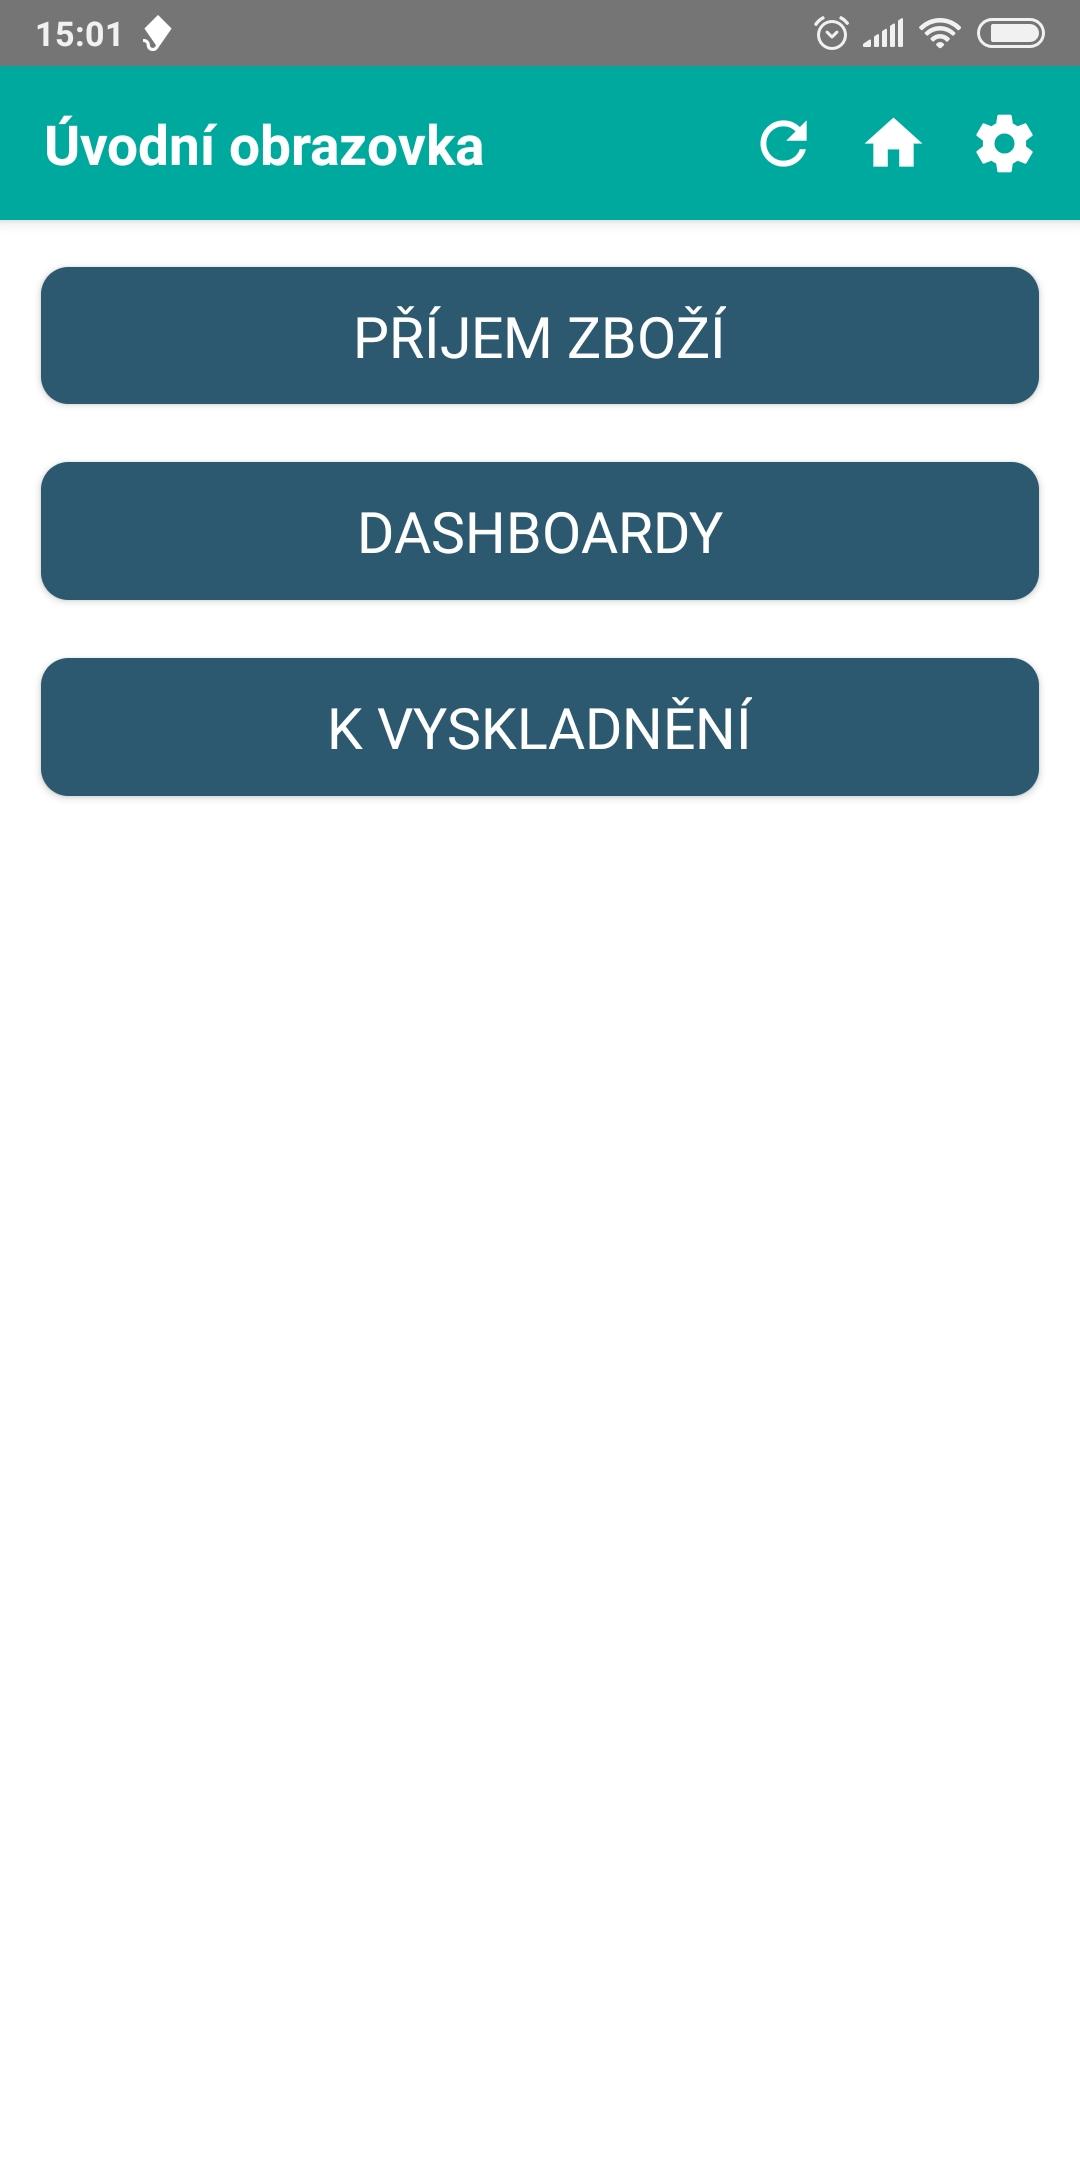 úvodní obrazovka mobilní aplikace